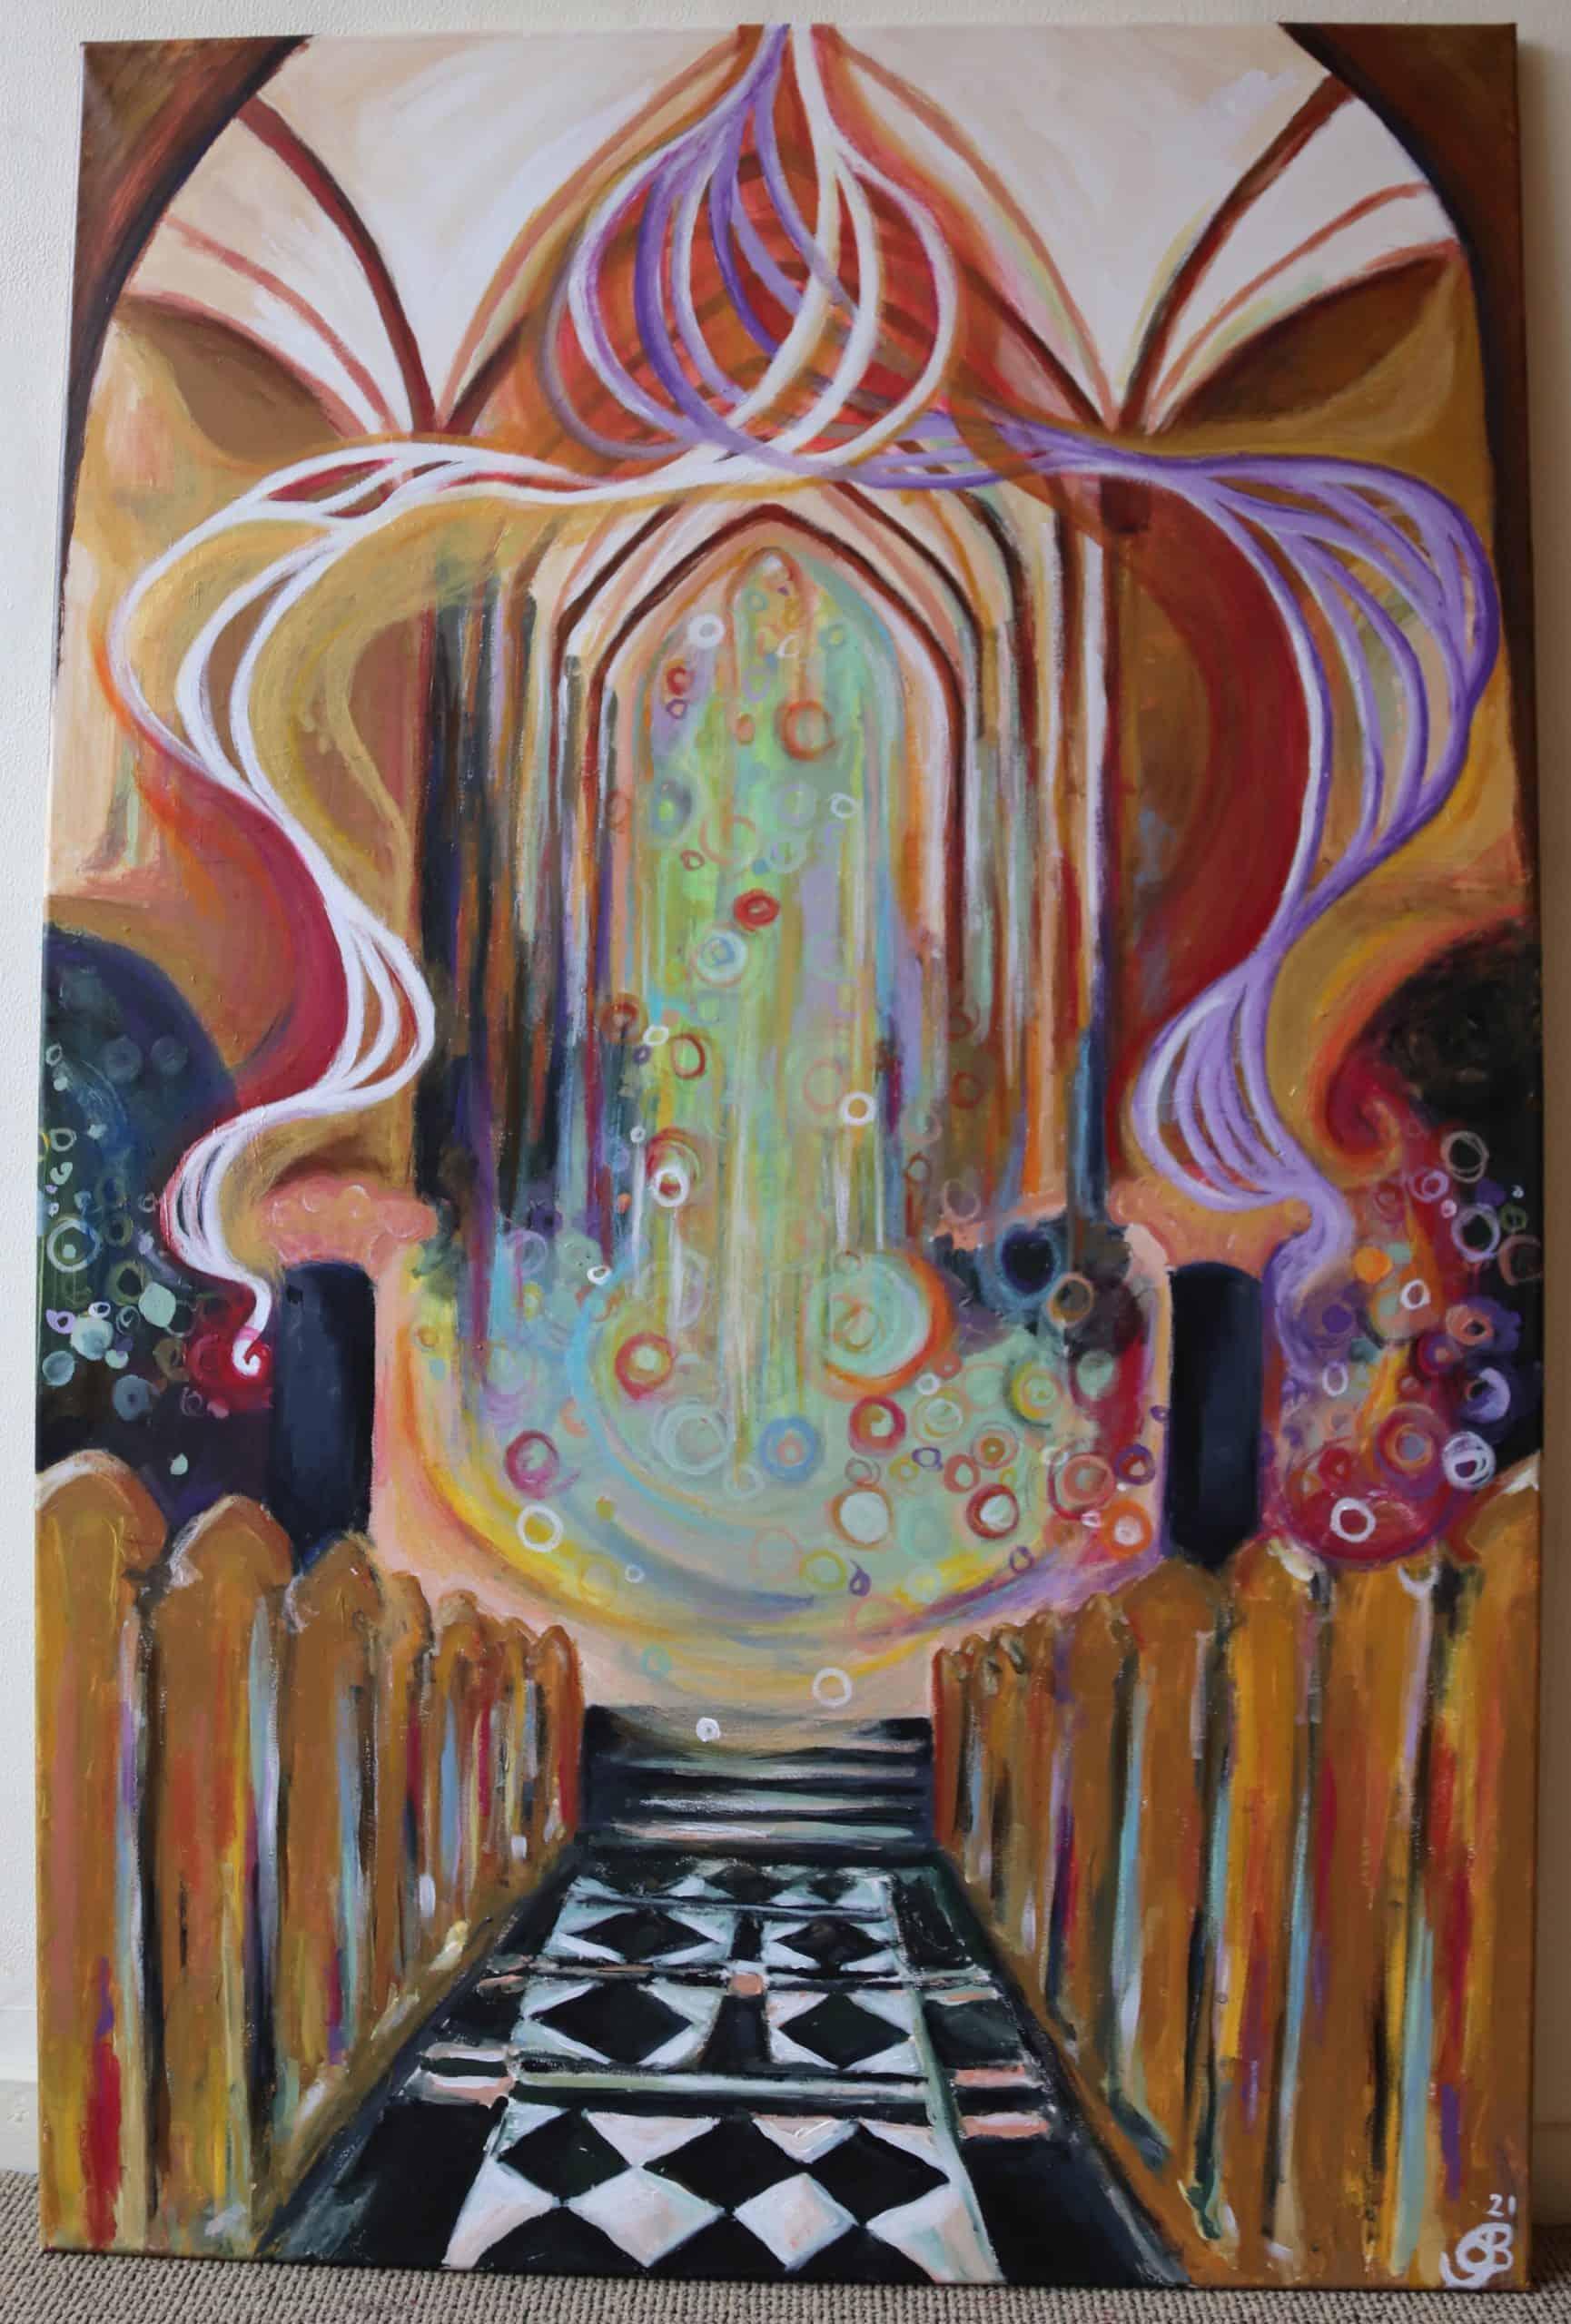 sieneke spiegel schilderij zwolle